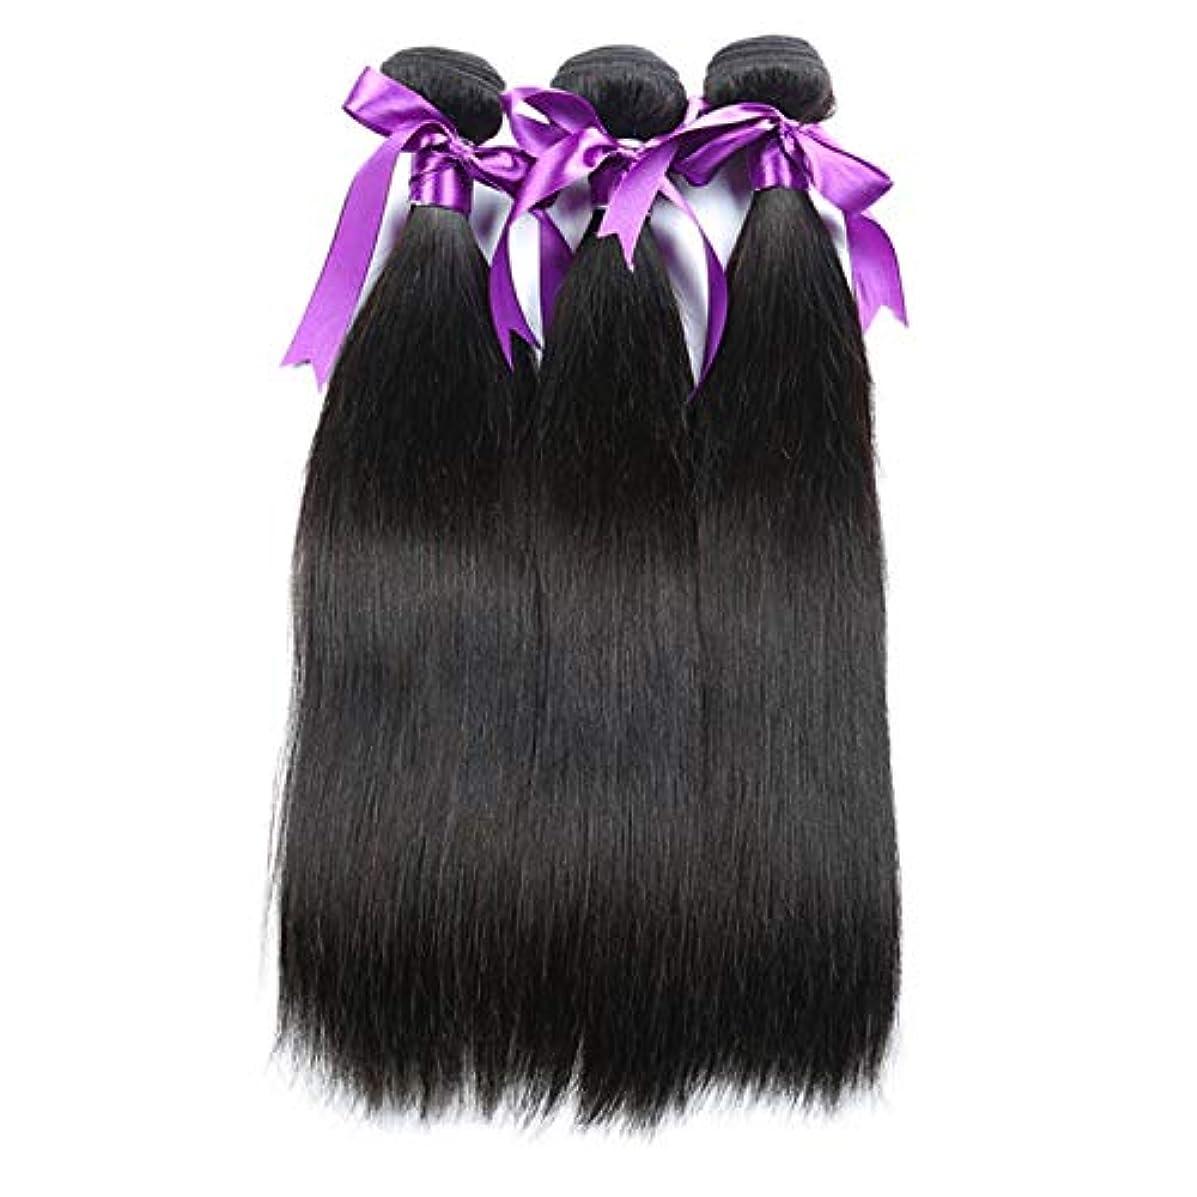 ジャンル無効にするスクラブかつら 髪ペルーストレートヘア3個人毛バンドル非Remyヘアエクステンション8-28インチ (Length : 12 14 14)